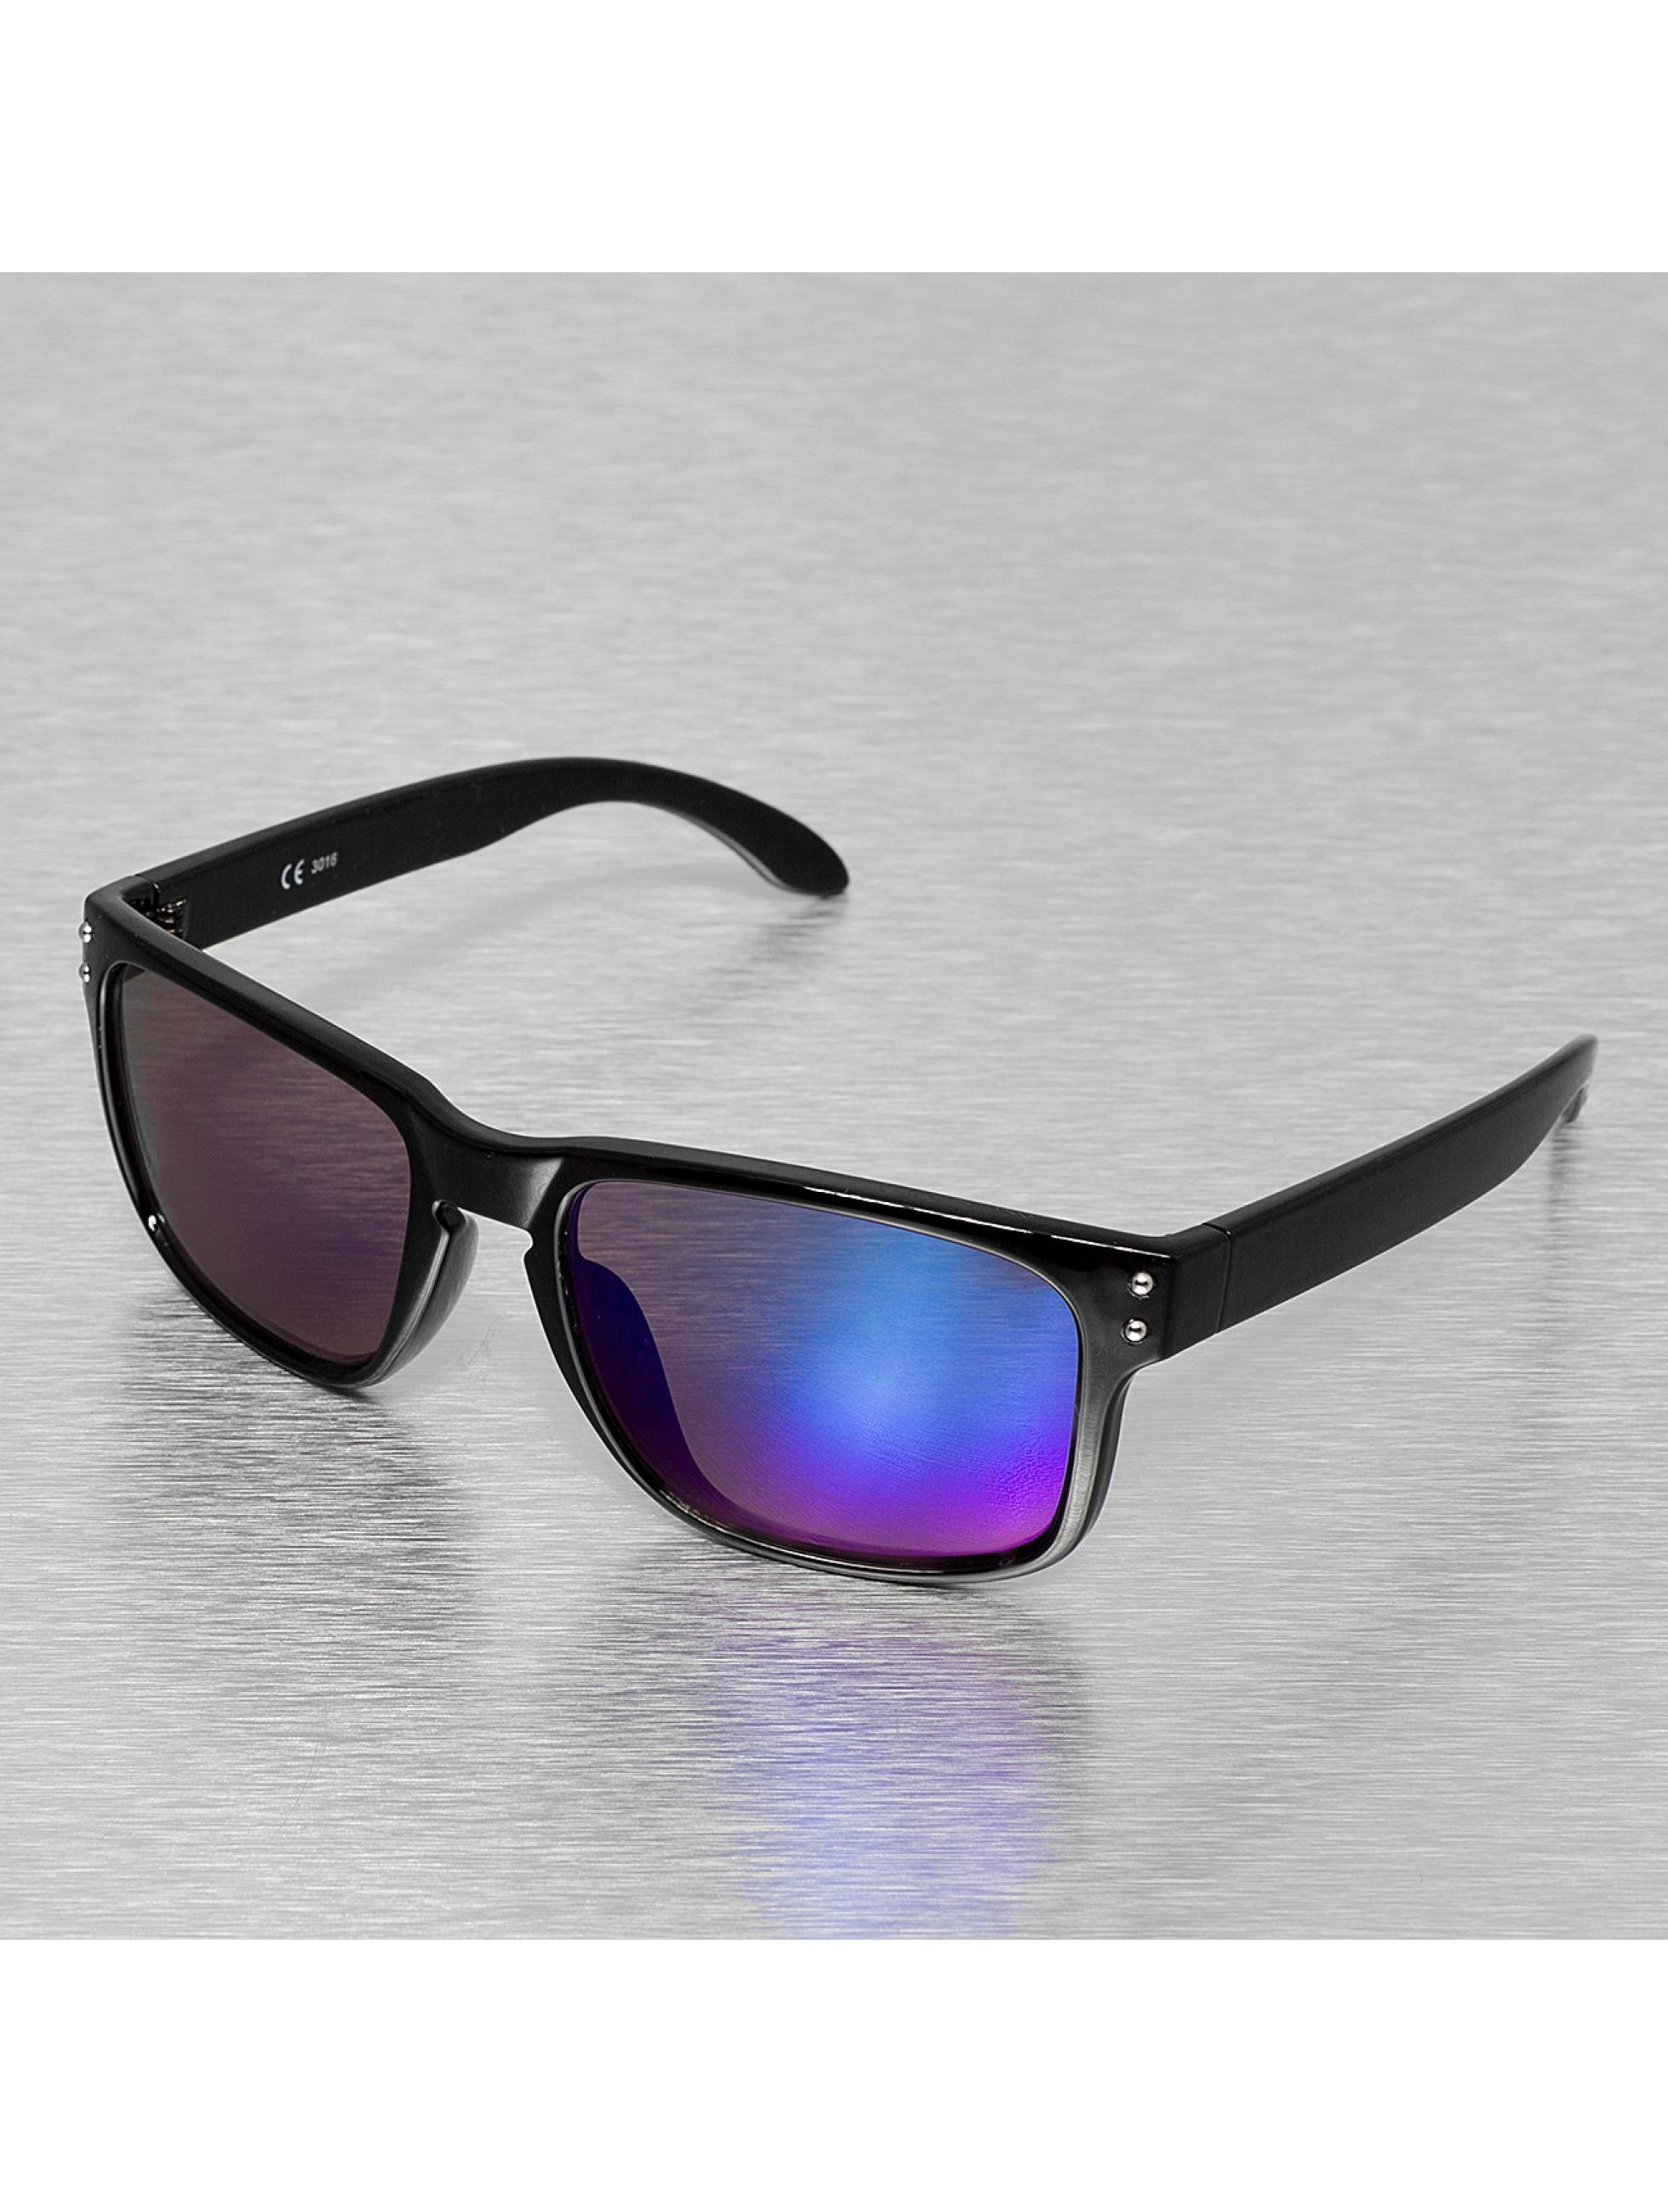 Miami Vision Sonnenbrille Vision schwarz